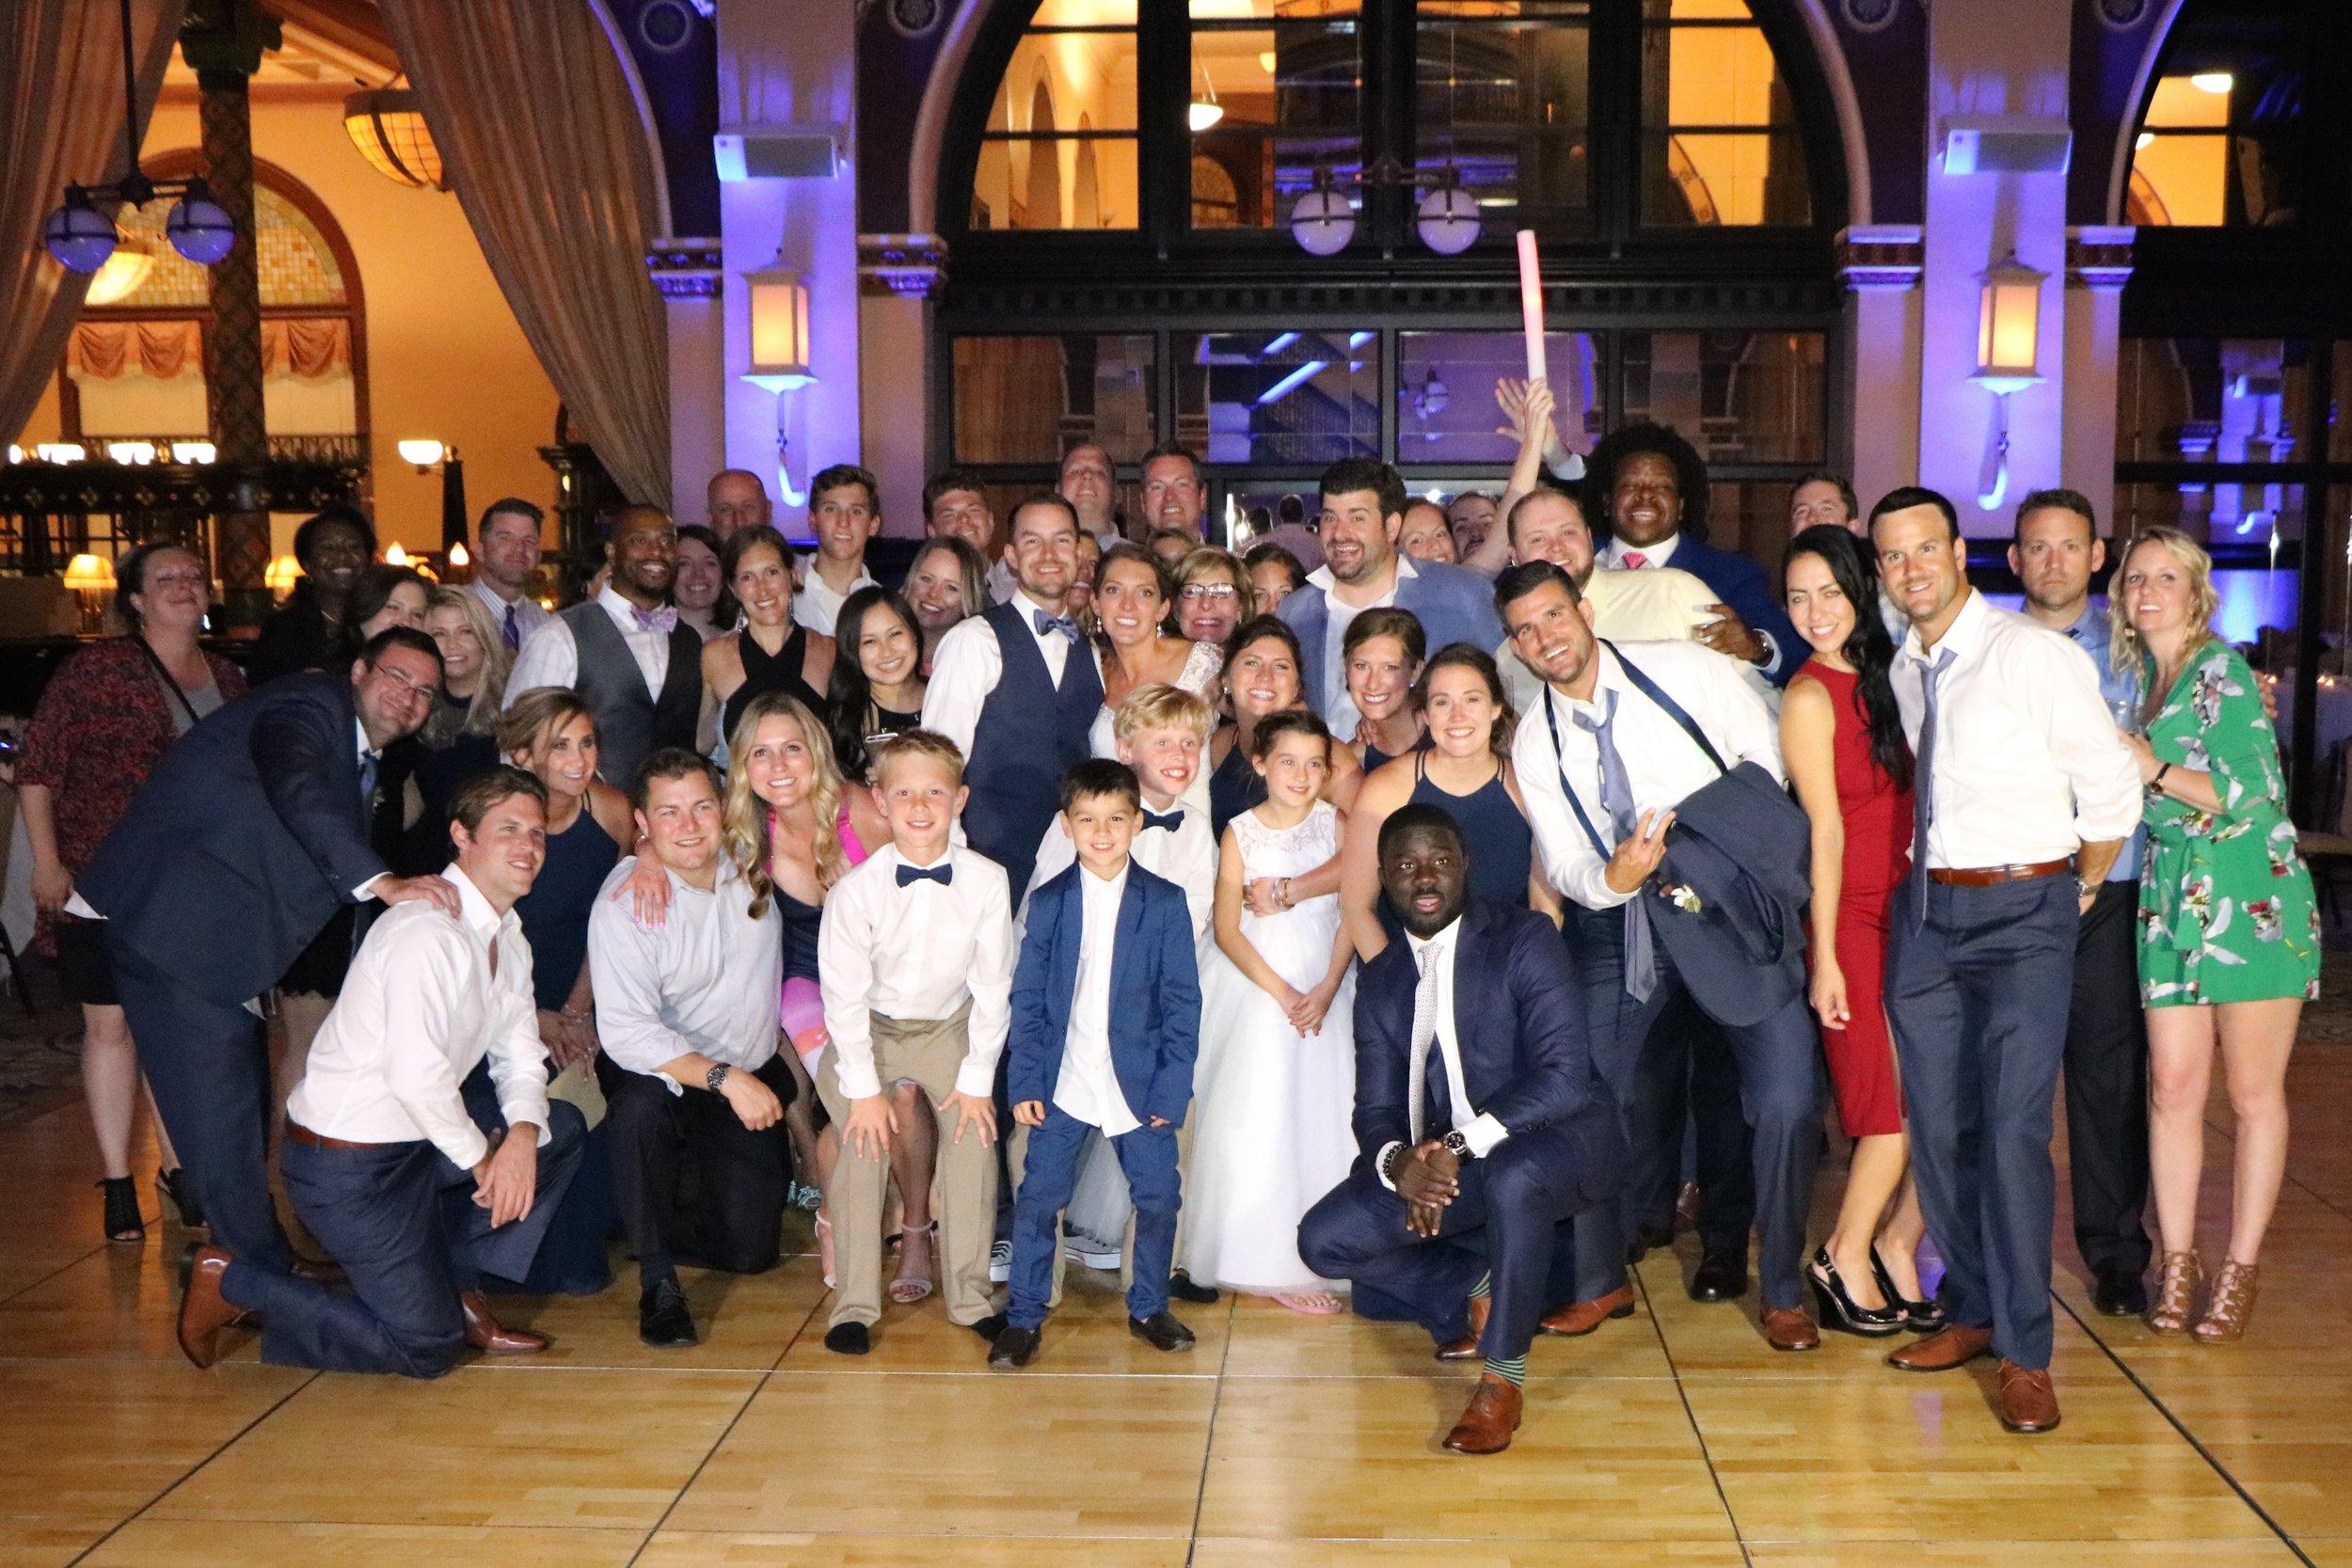 Elizabeth & Kevin Finale by Indianapolis Wedding DJ Jim Cerone